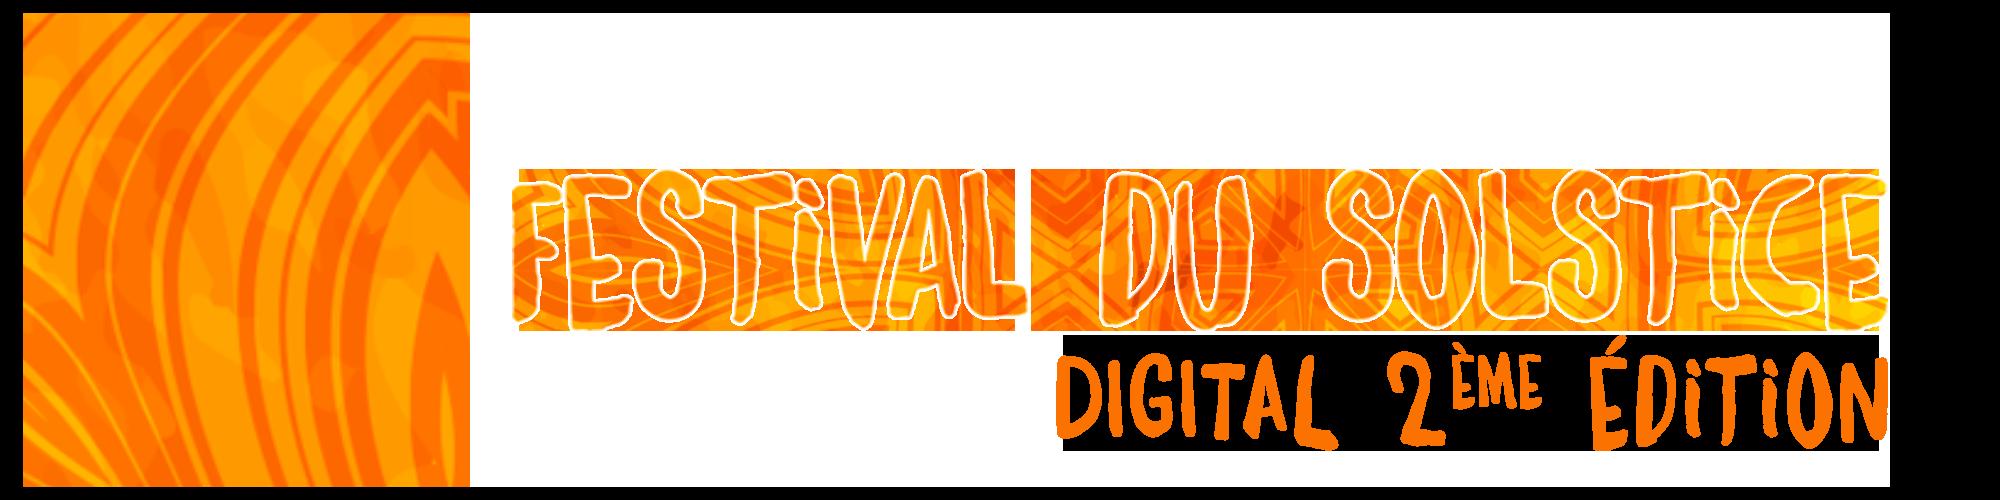 Festival du Solstice Digital 2ème édition